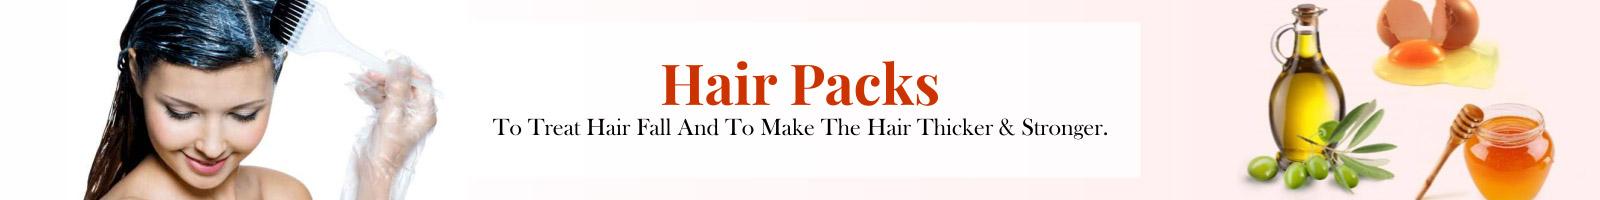 Hair Packs